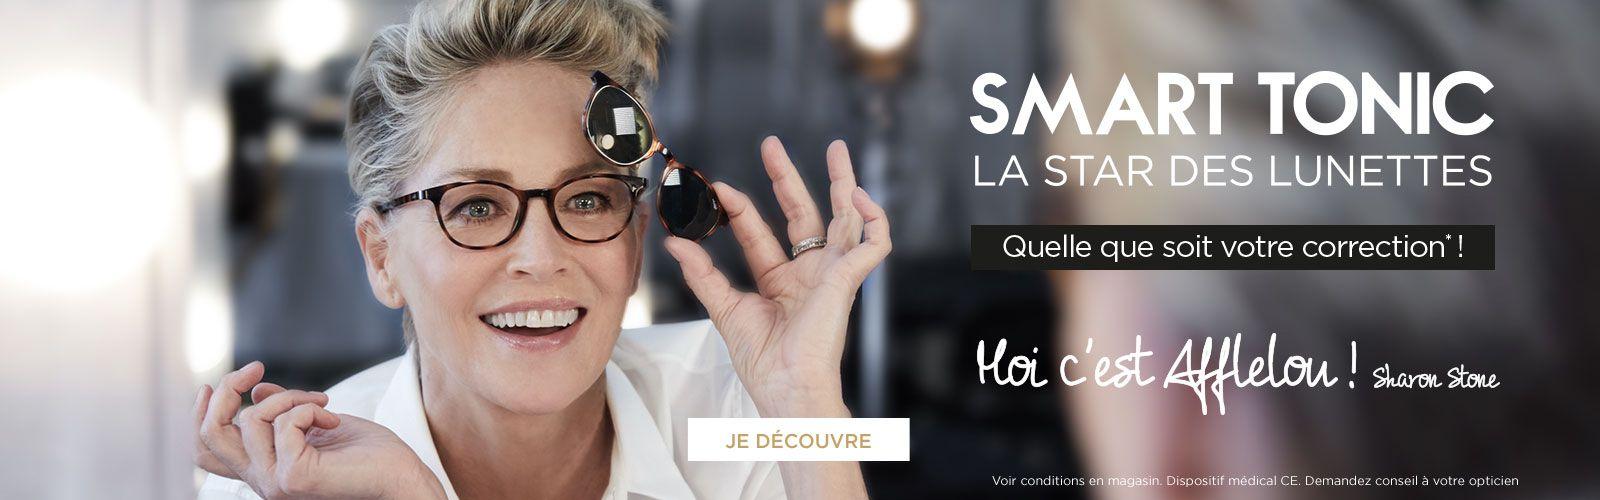 Opticien Alain Afflelou   Lunettes, lunettes de soleil et lentilles e01aefae23e4